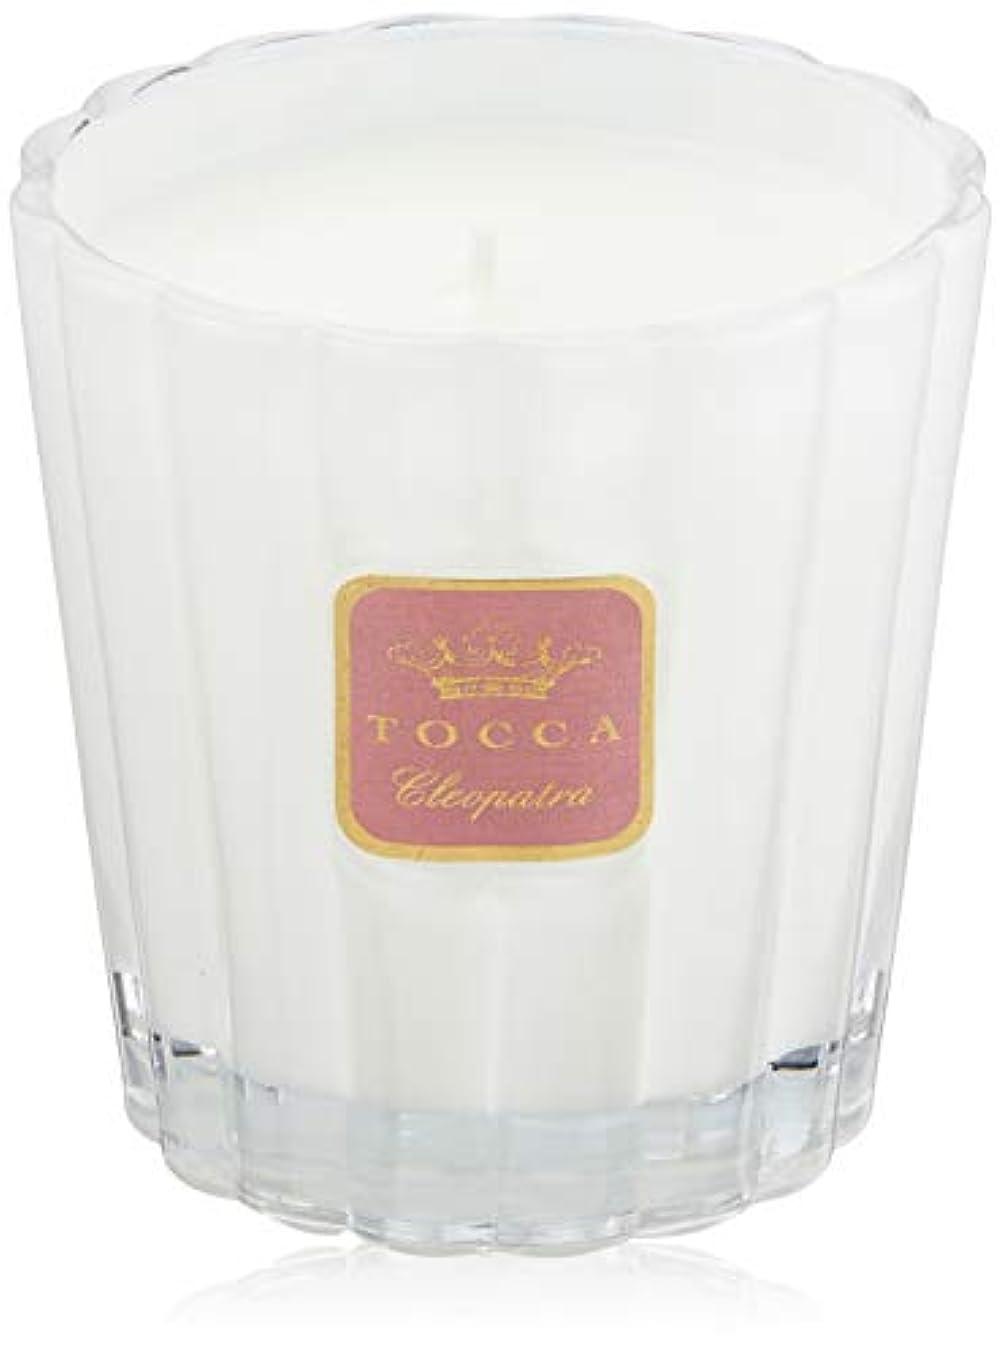 テロリストプロット全部トッカ(TOCCA) キャンドル クレオパトラの香り 約287g (ろうそく フレッシュでクリーンな香り)